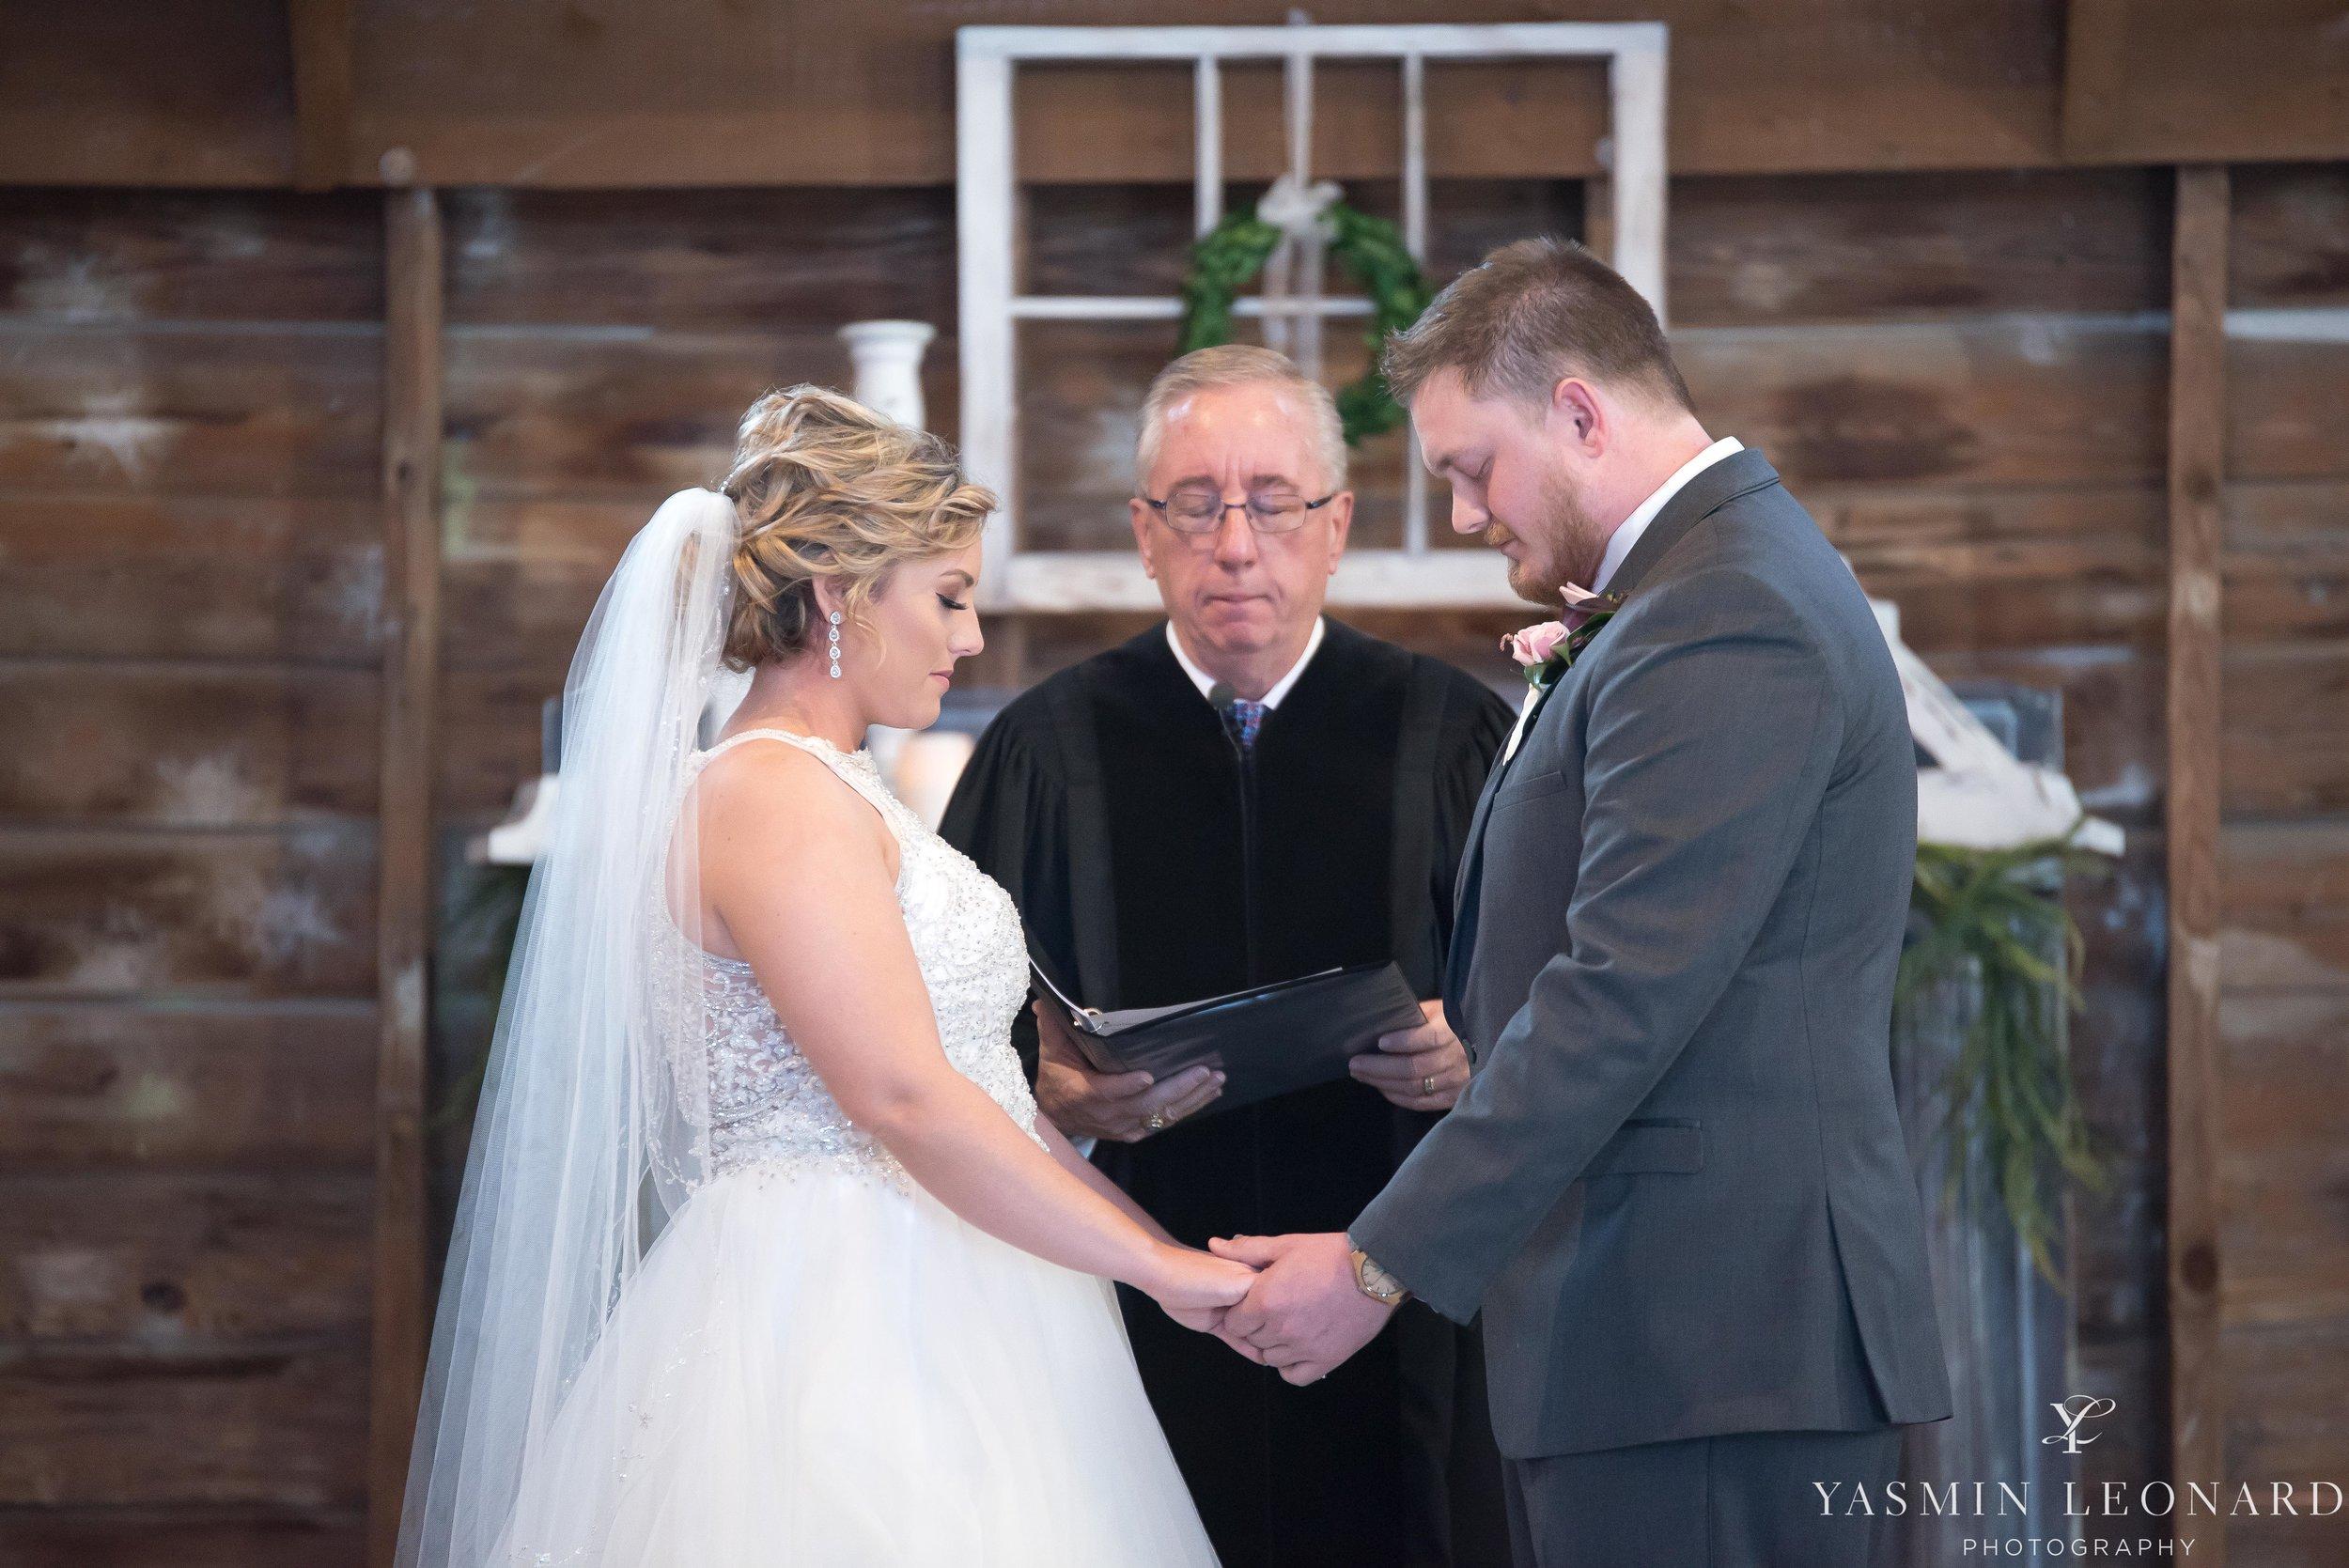 Millikan Farms - Millikan Farms Wedding - Sophia NC Wedding - NC Wedding - NC Wedding Photographer - Yasmin Leonard Photography - High Point Photographer - Barn Wedding - Wedding Venues in NC - Triad Wedding Photographer-45.jpg